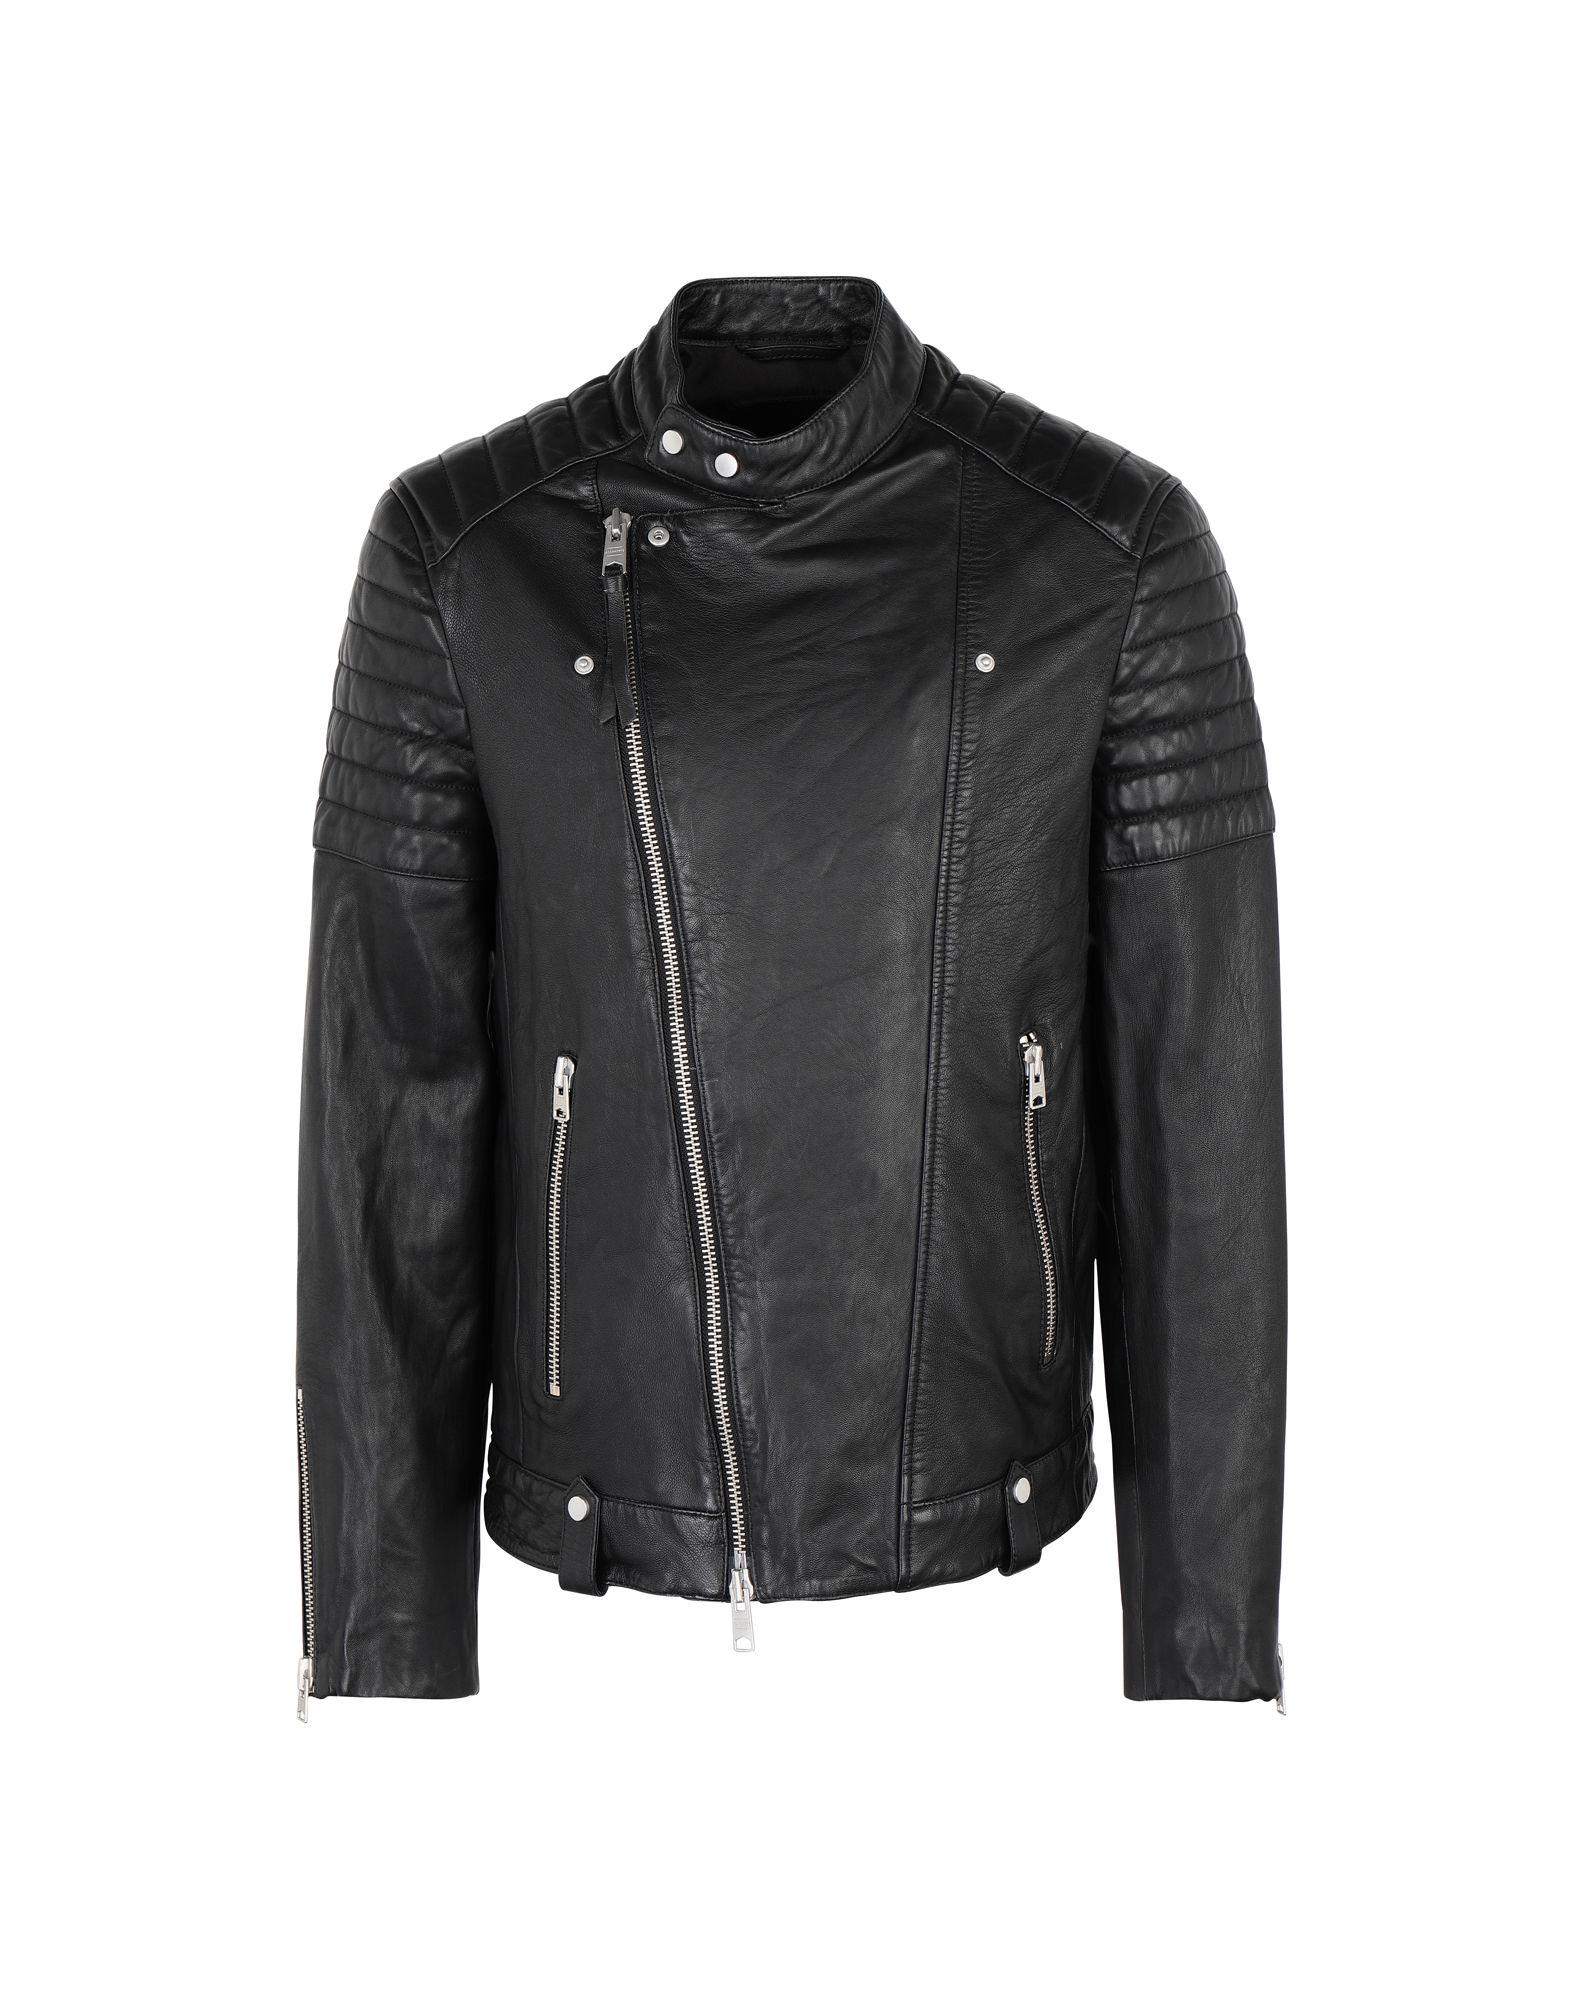 2443e3c98 ALLSAINTS Biker jacket - Coats and Jackets | YOOX.COM